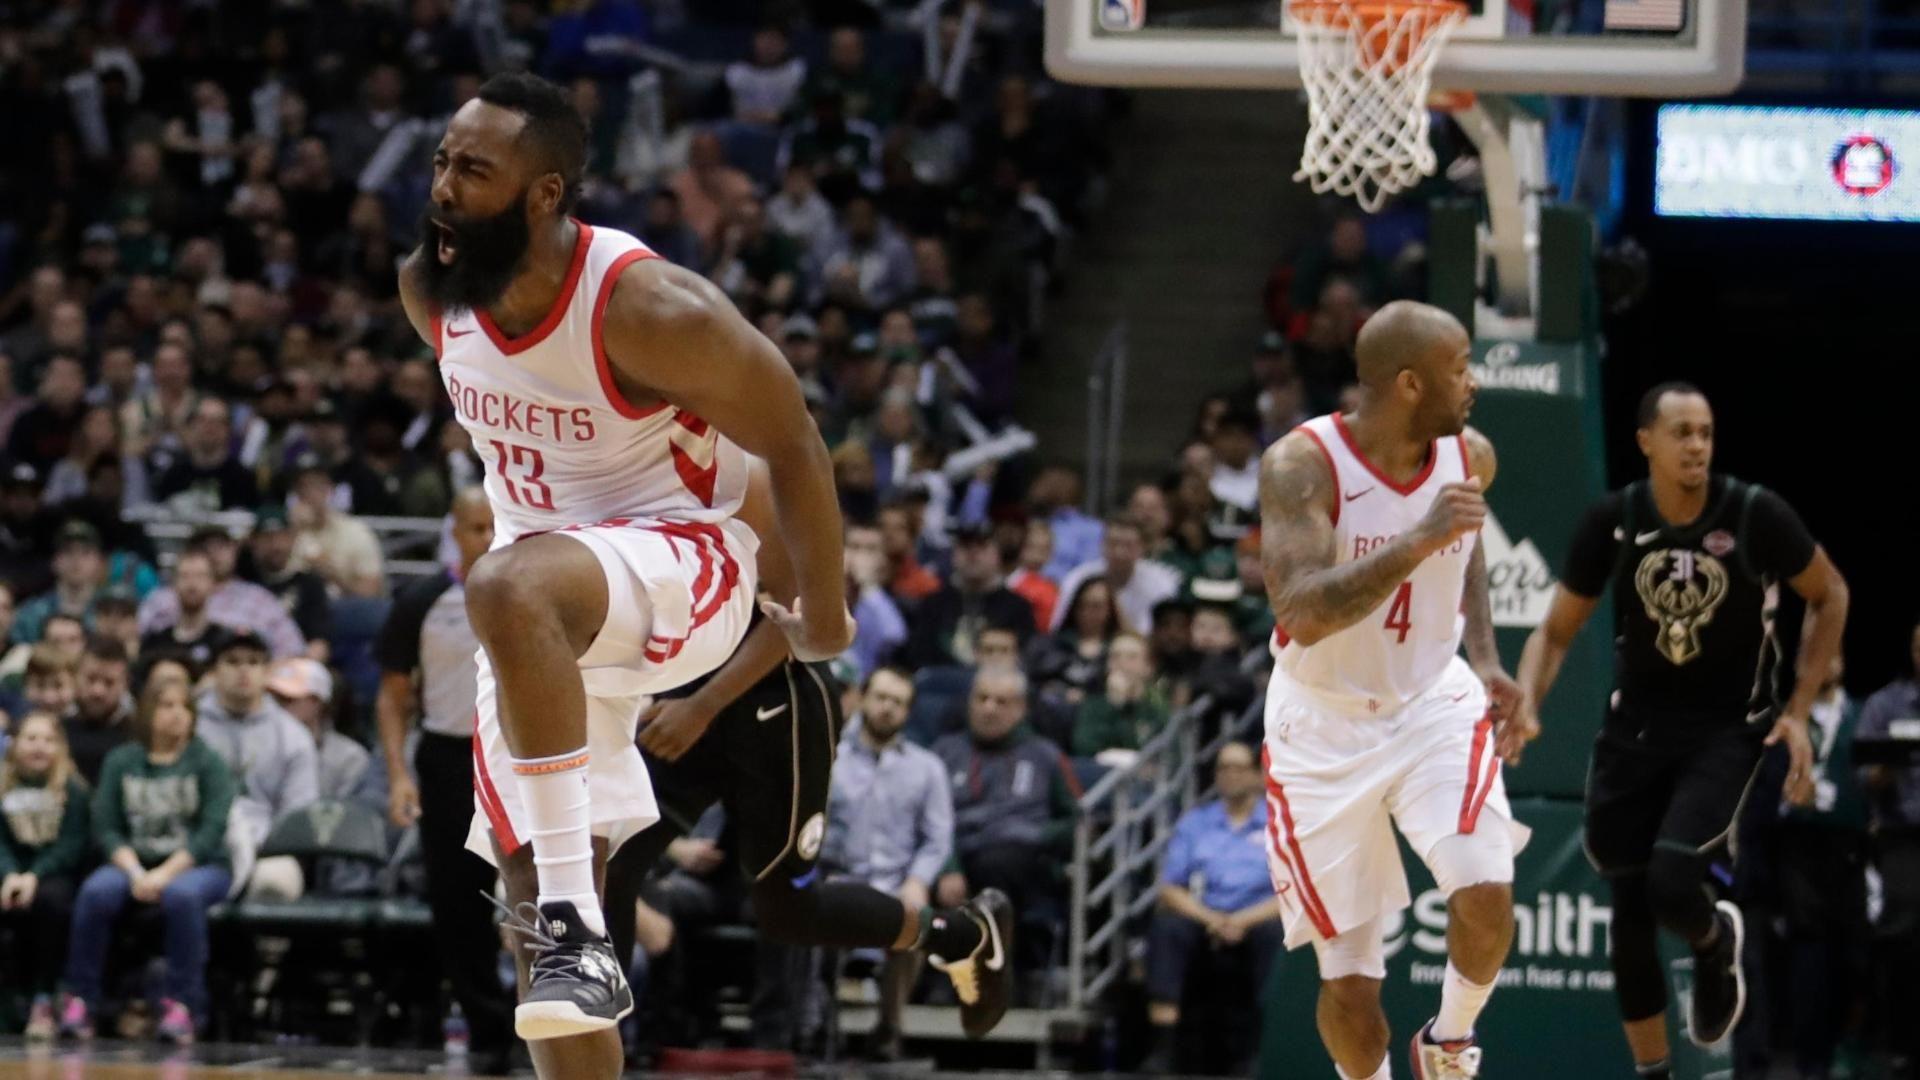 https://secure.espncdn.com/combiner/i?img=/media/motion/2018/0308/dm_180307_NBA_Rockets_sotfull327/dm_180307_NBA_Rockets_sotfull327.jpg